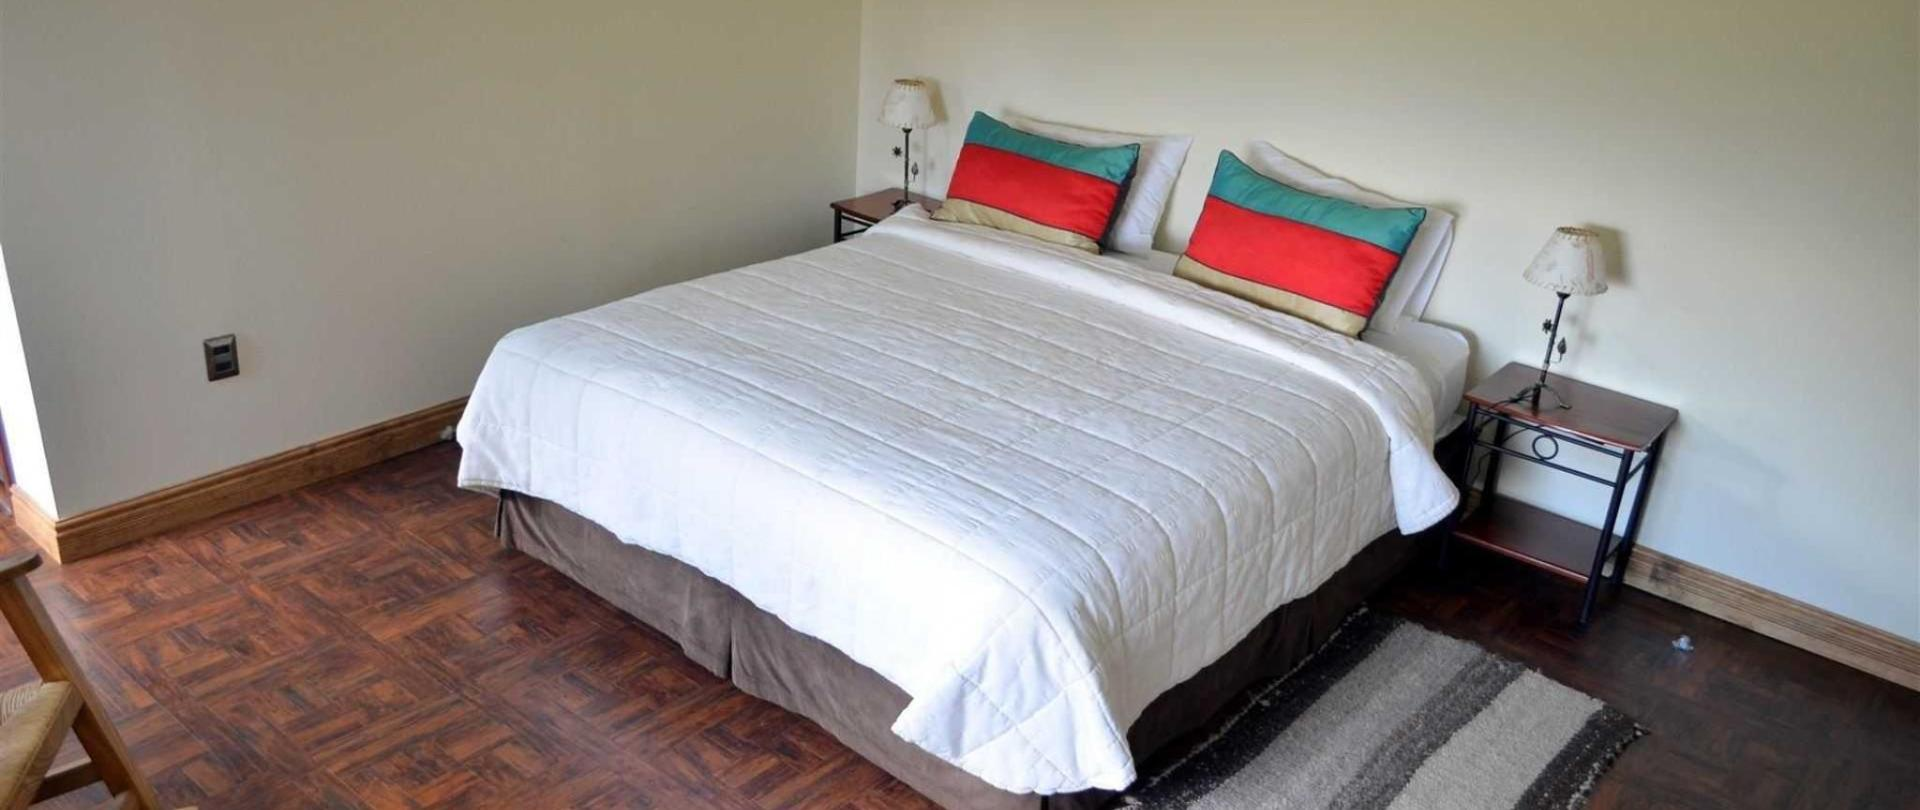 room-torres-del-paine-hotel-patagonia.jpg